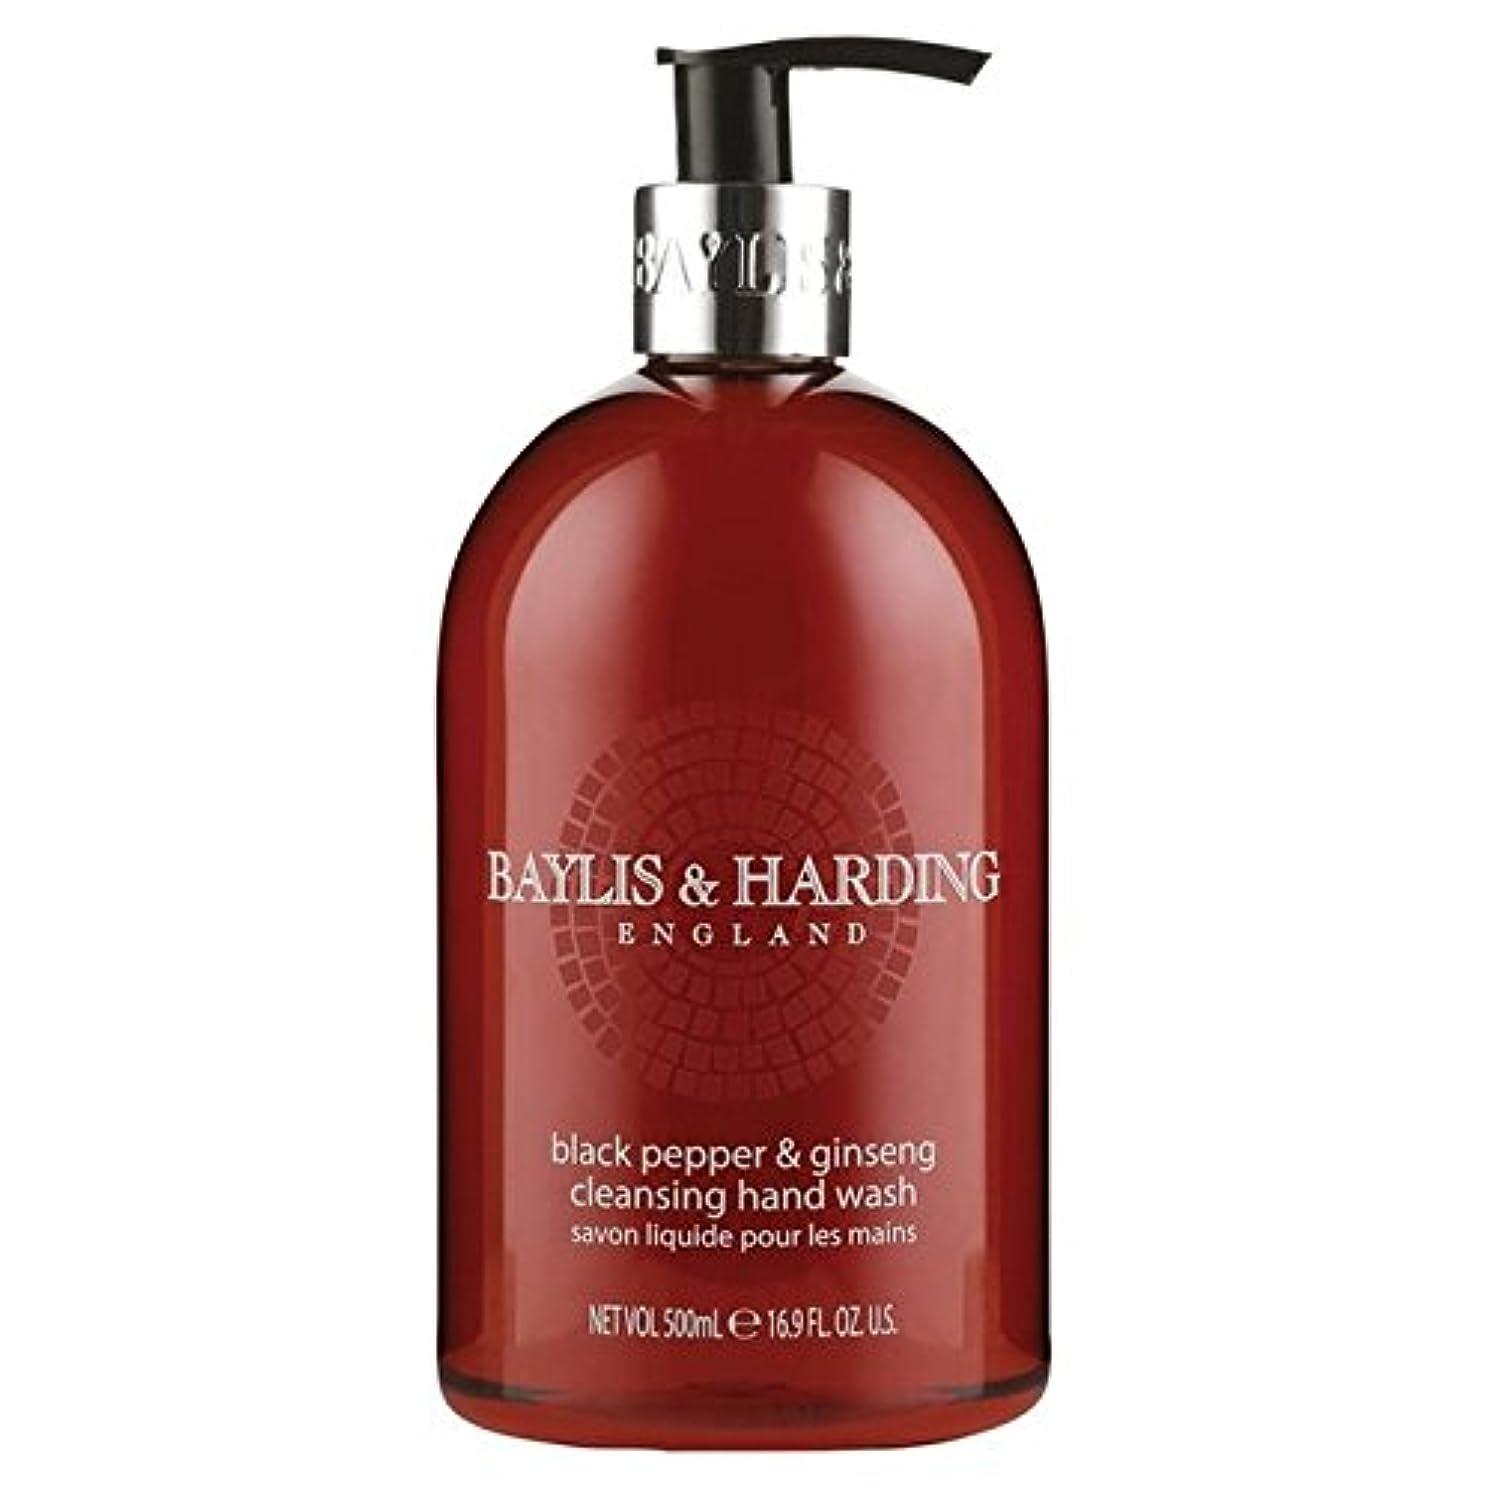 うめきシャンプー頑張るBaylis & Harding Black Pepper & Ginseng Hand Wash 500ml - ベイリス&ハーディングブラックペッパー&人参のハンドウォッシュ500ミリリットル [並行輸入品]